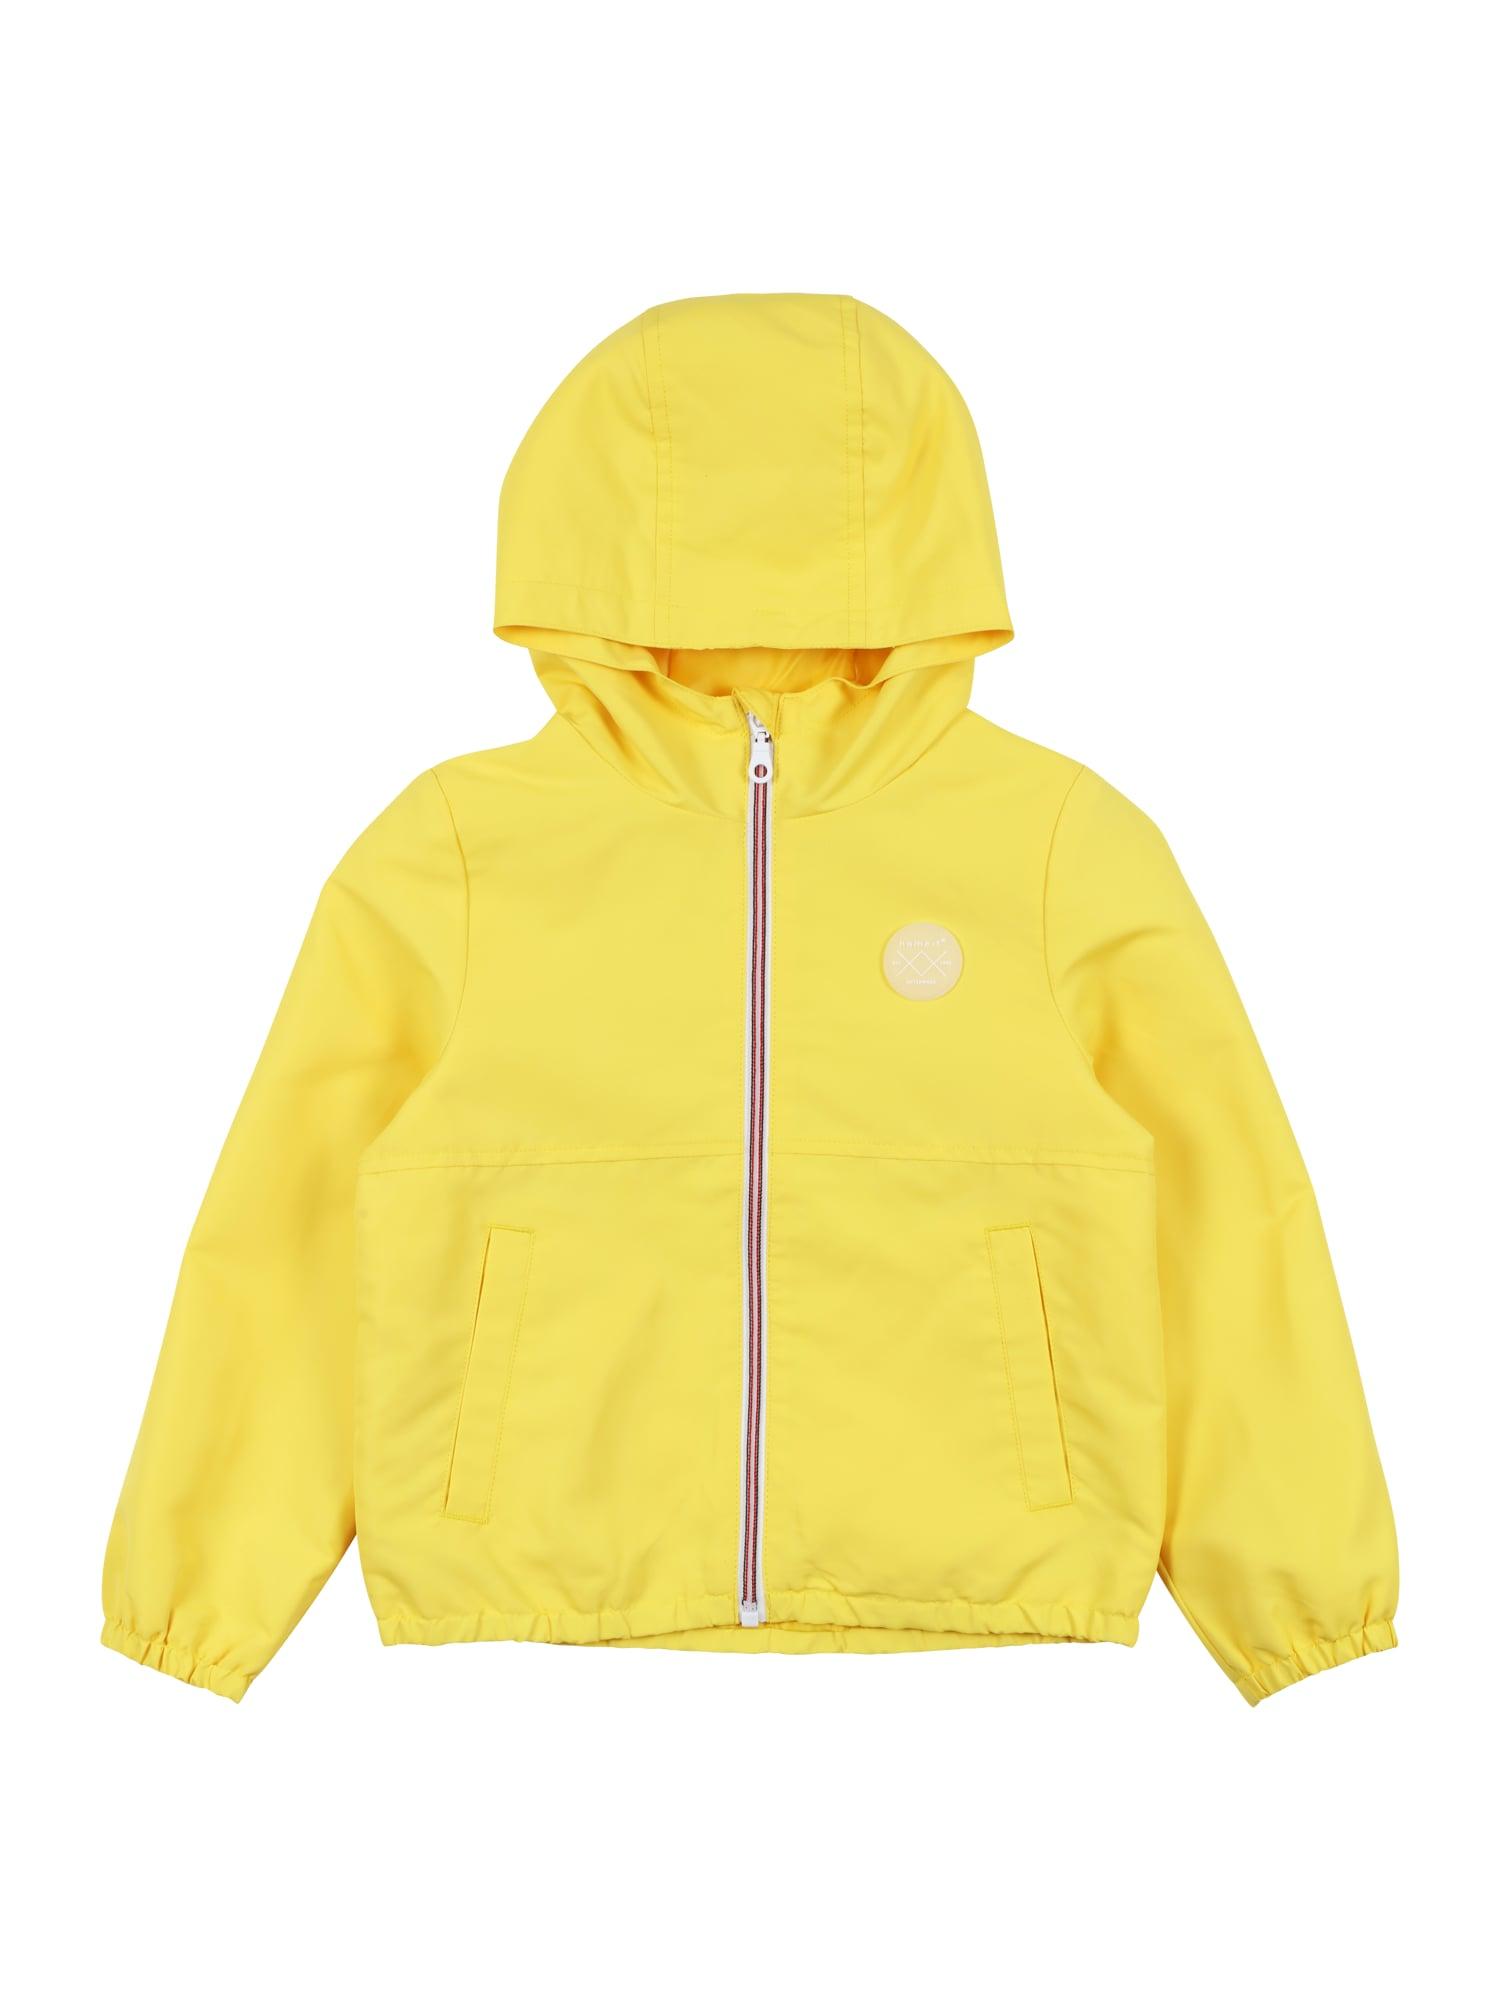 NAME IT Demisezoninė striukė 'Mizan' žaliosios citrinos spalva / balta / pastelinė oranžinė